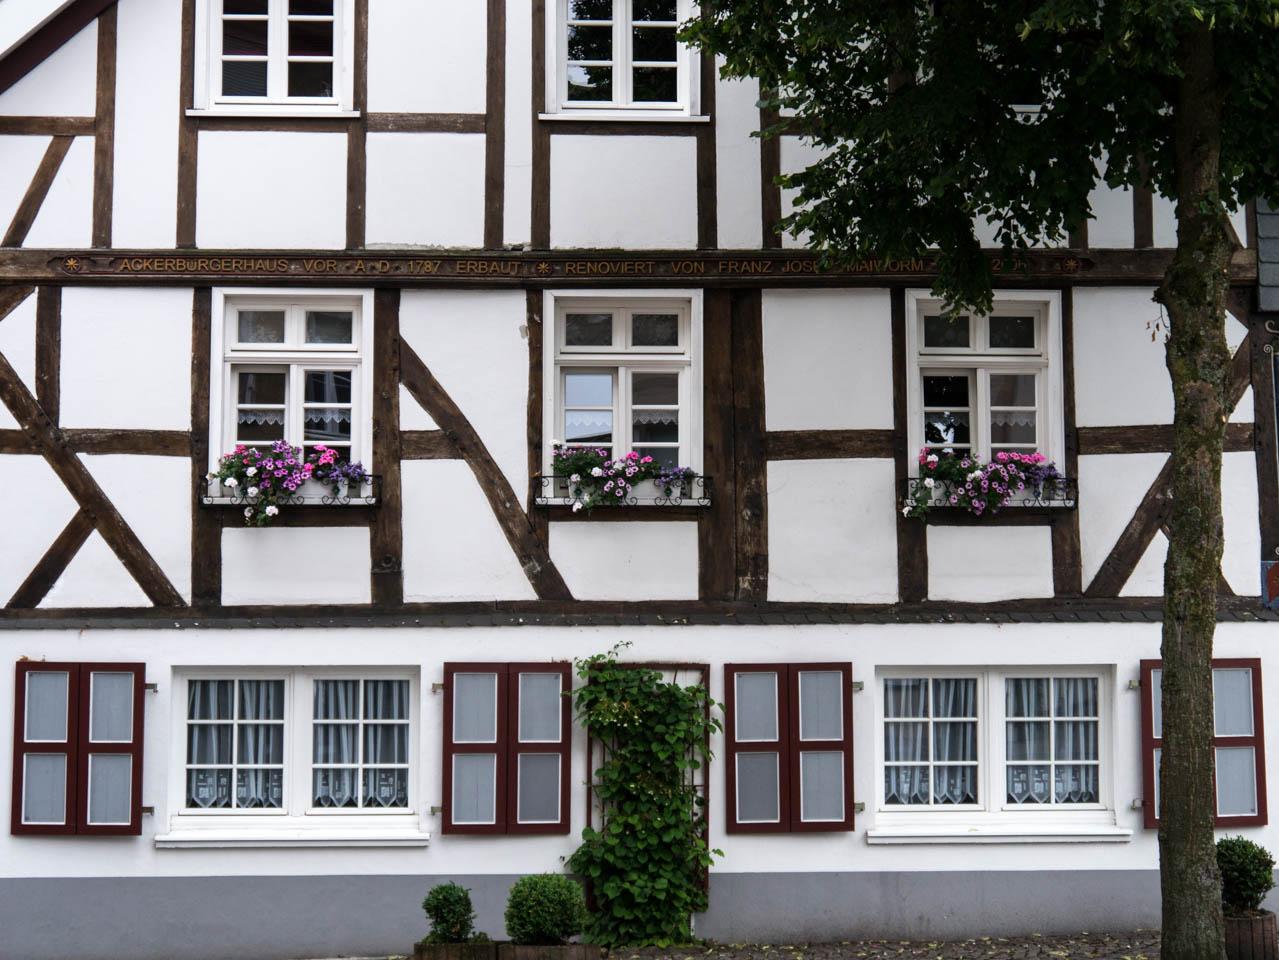 Fachwerkhaus Attendorn (1 von 1)